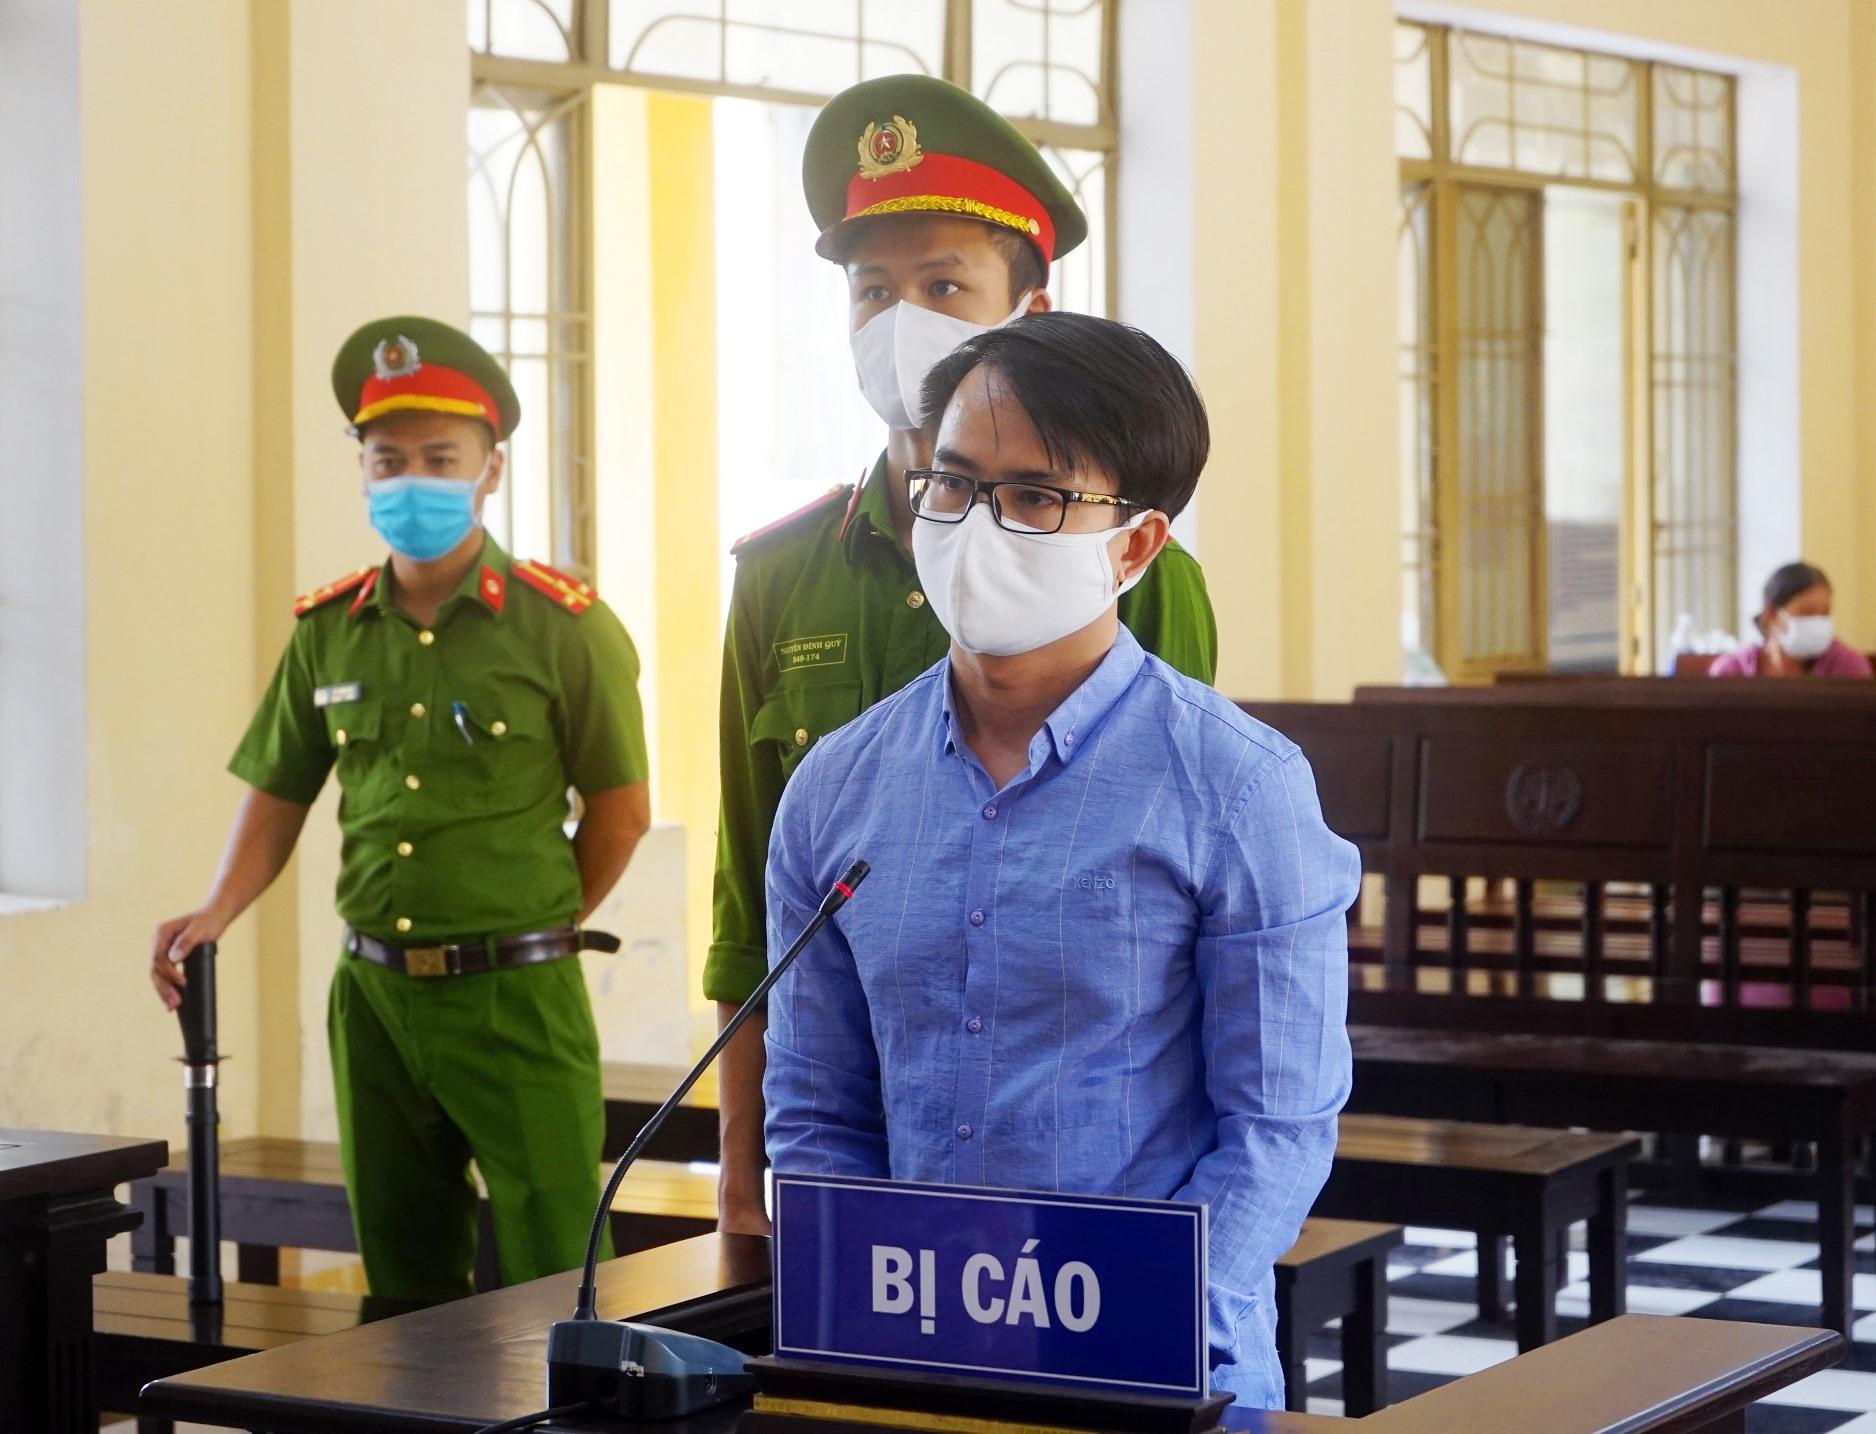 Bị cáo Lê Văn Đông tại phiên tòa. Ảnh: PHƯƠNG LOAN